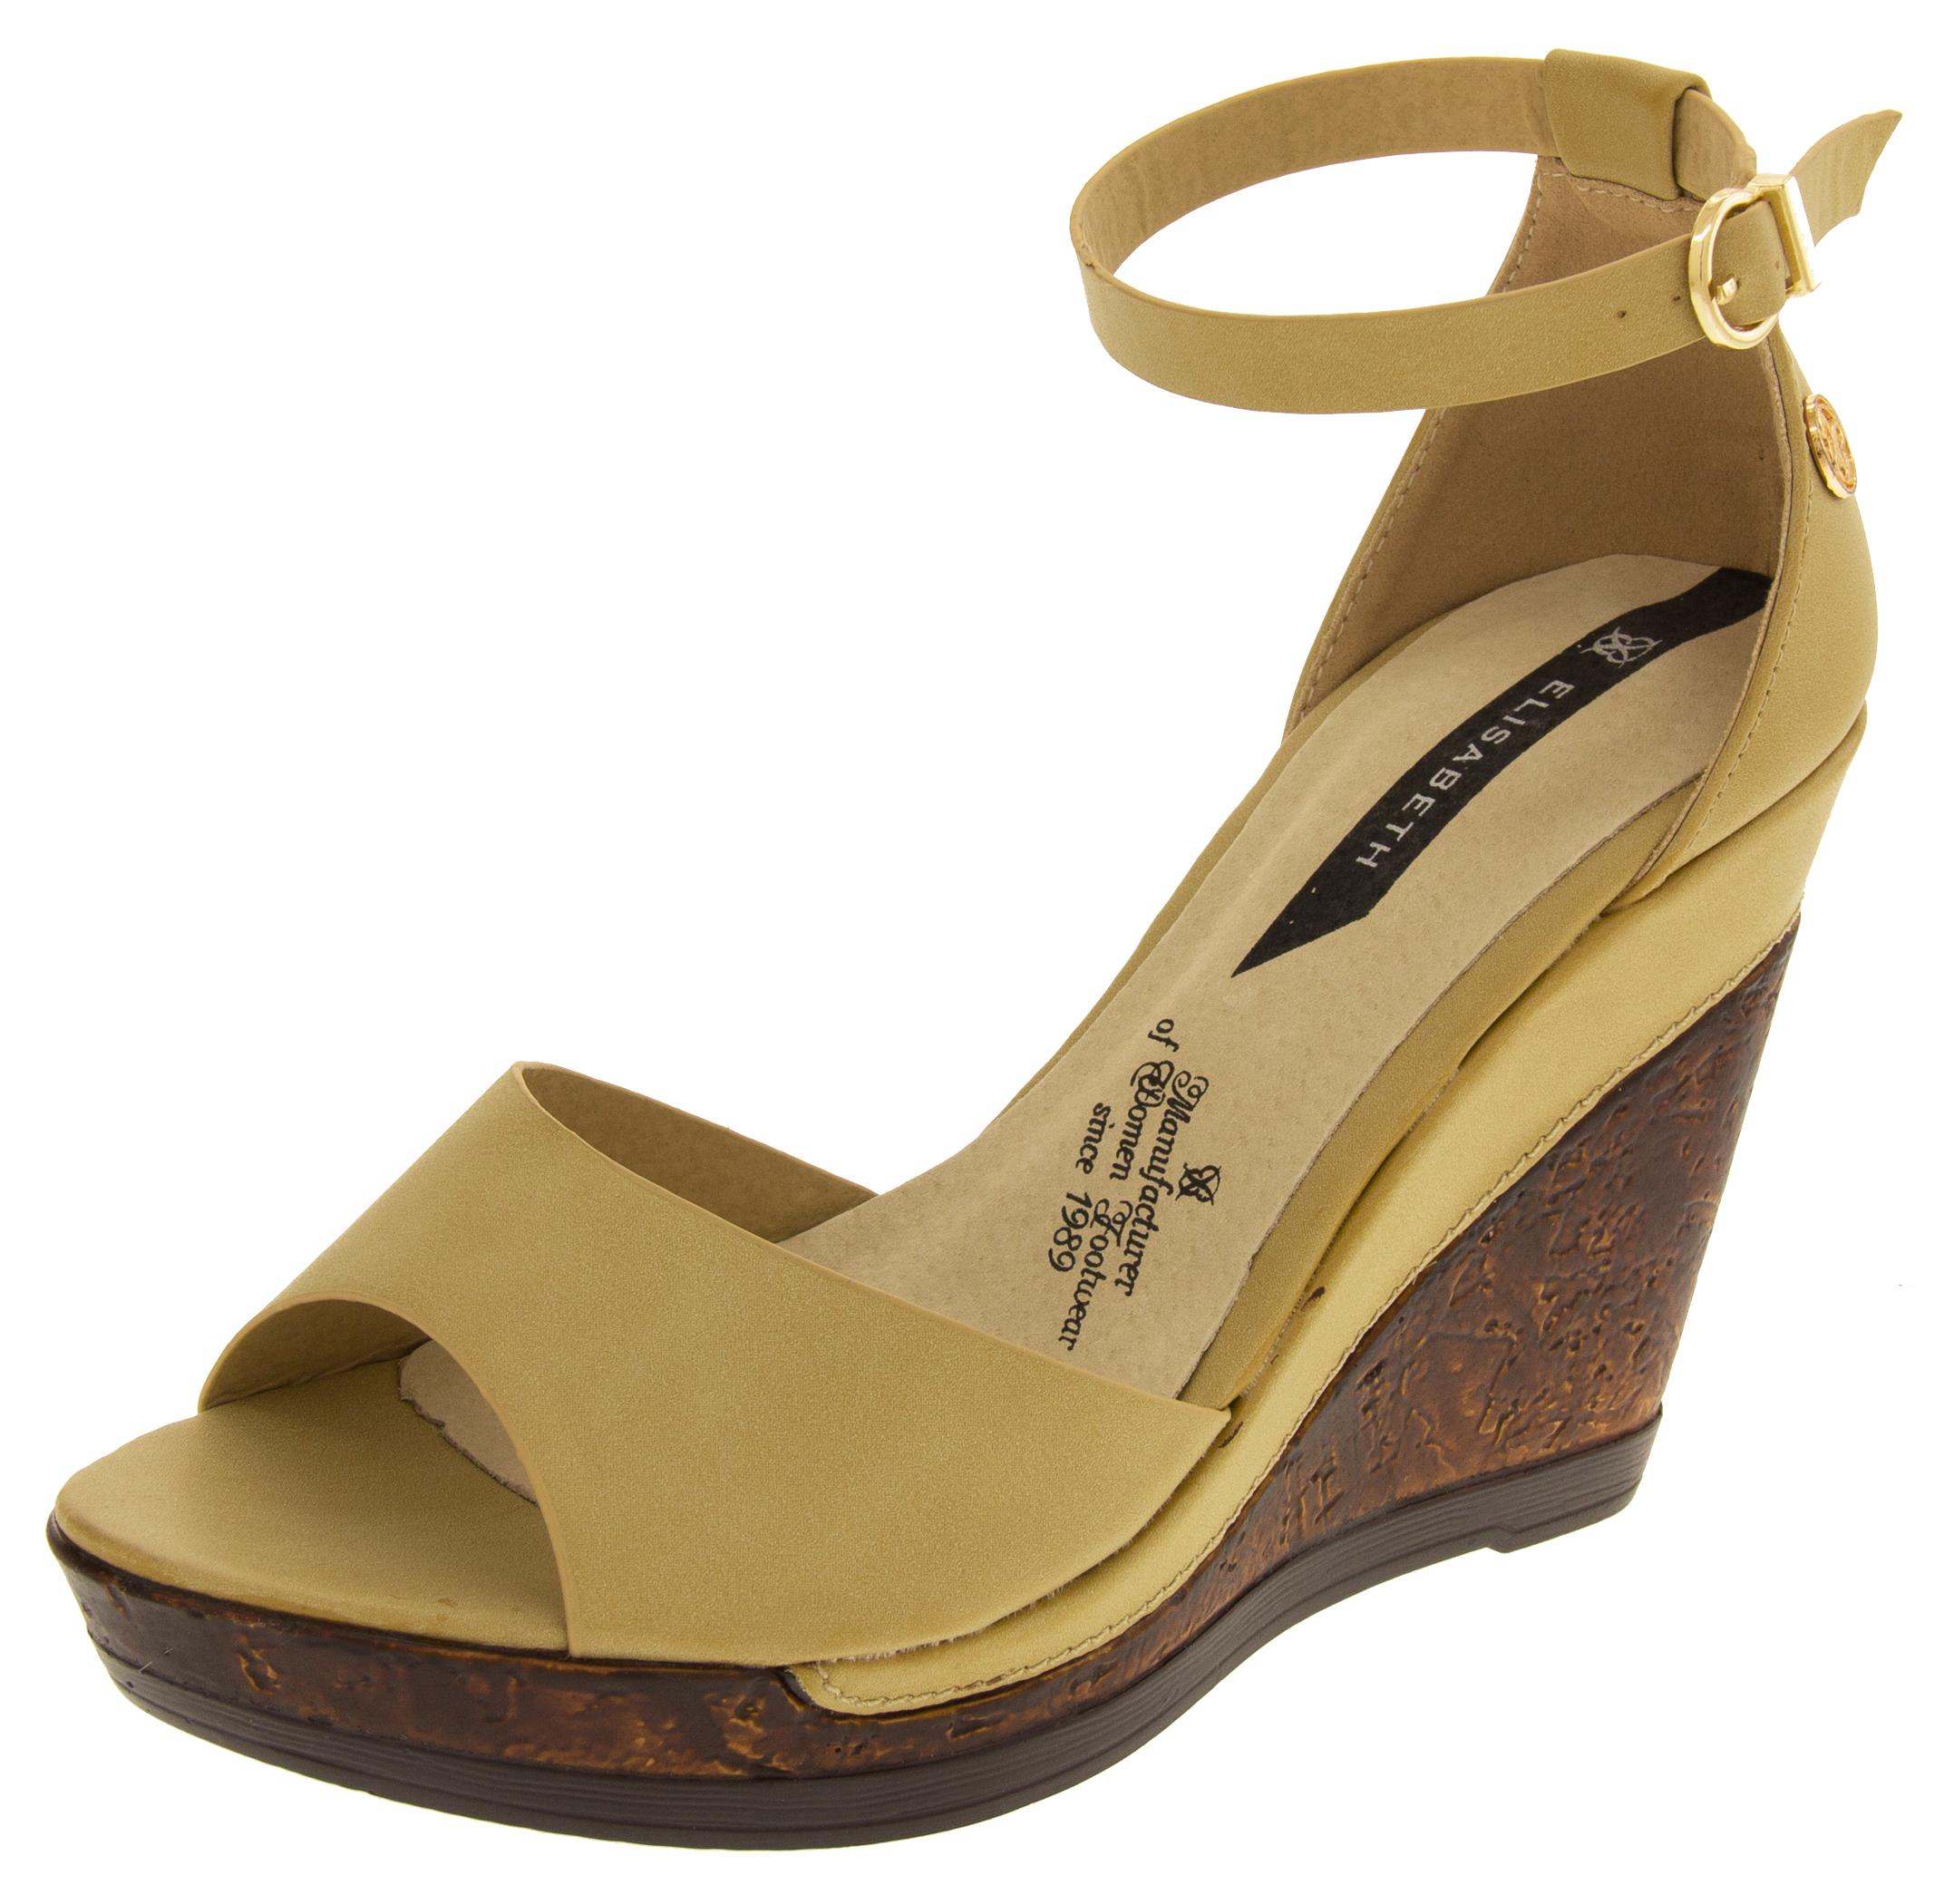 017b9144901 Womens Wedge Platform Strappy High Heel Sandals